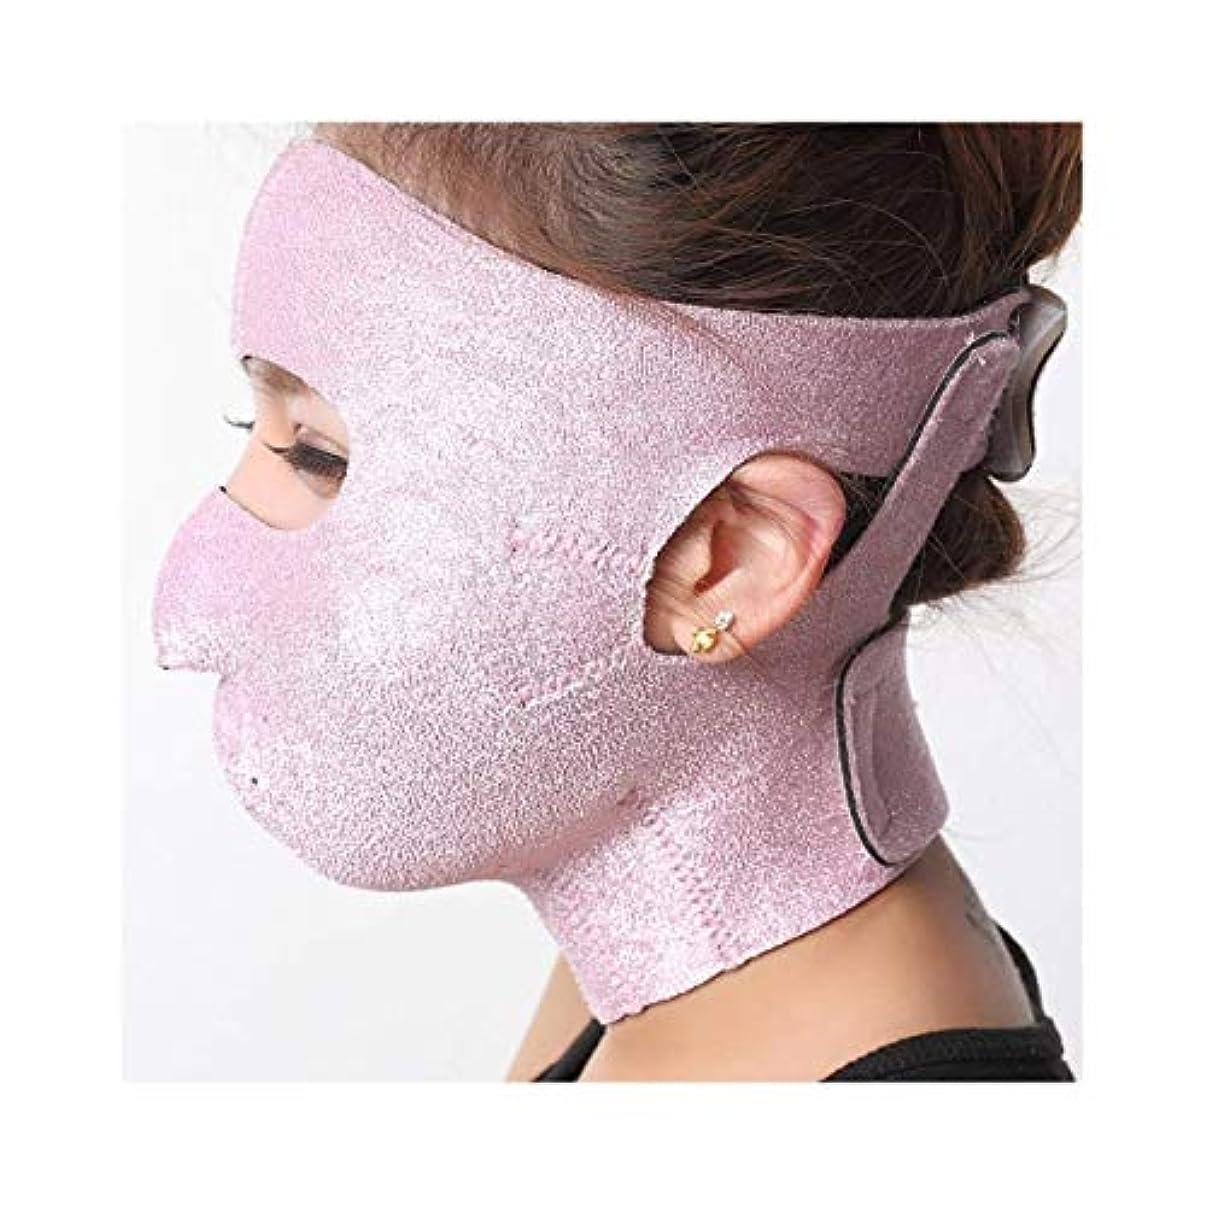 牛肉敷居ピックファーミングフェイスマスク、スモールVフェイスアーティファクトSクリームフェイスリフトフェイスメロンフェイスインストゥルメントを引き締めるリフティングマスク付きリープ薄型フェイスバンデージマスク